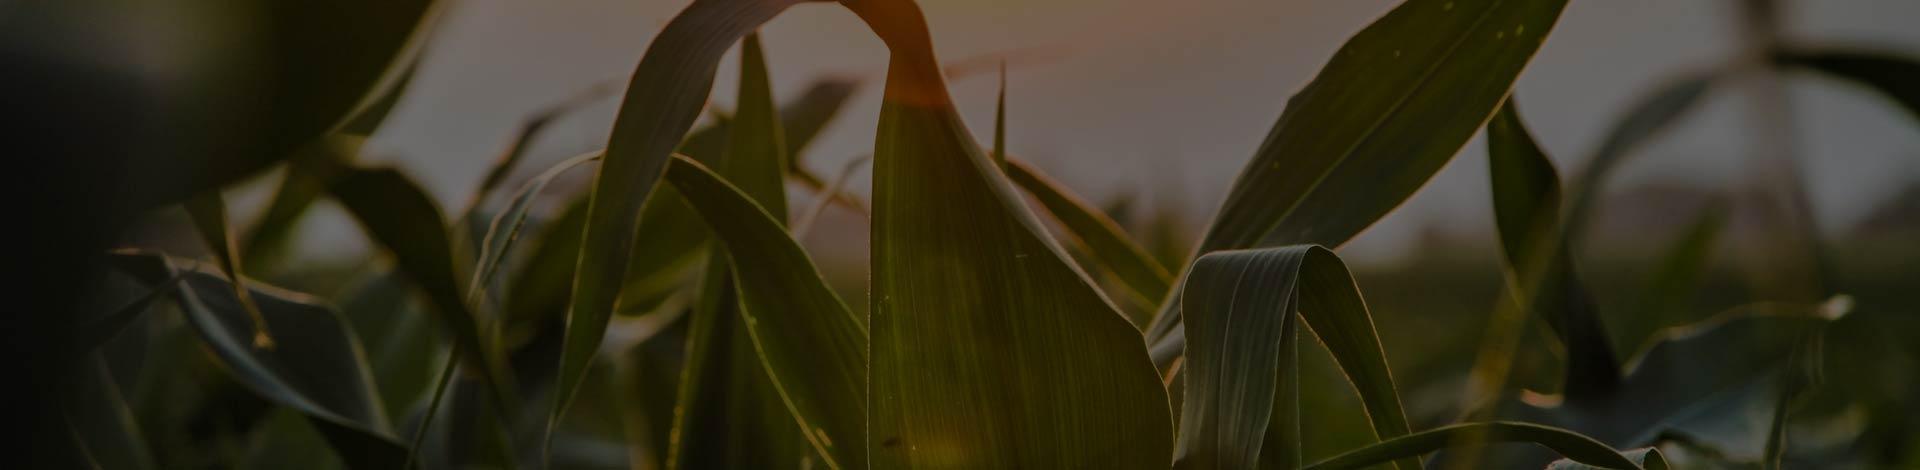 Cambios en la normativa de agricultura ecológica